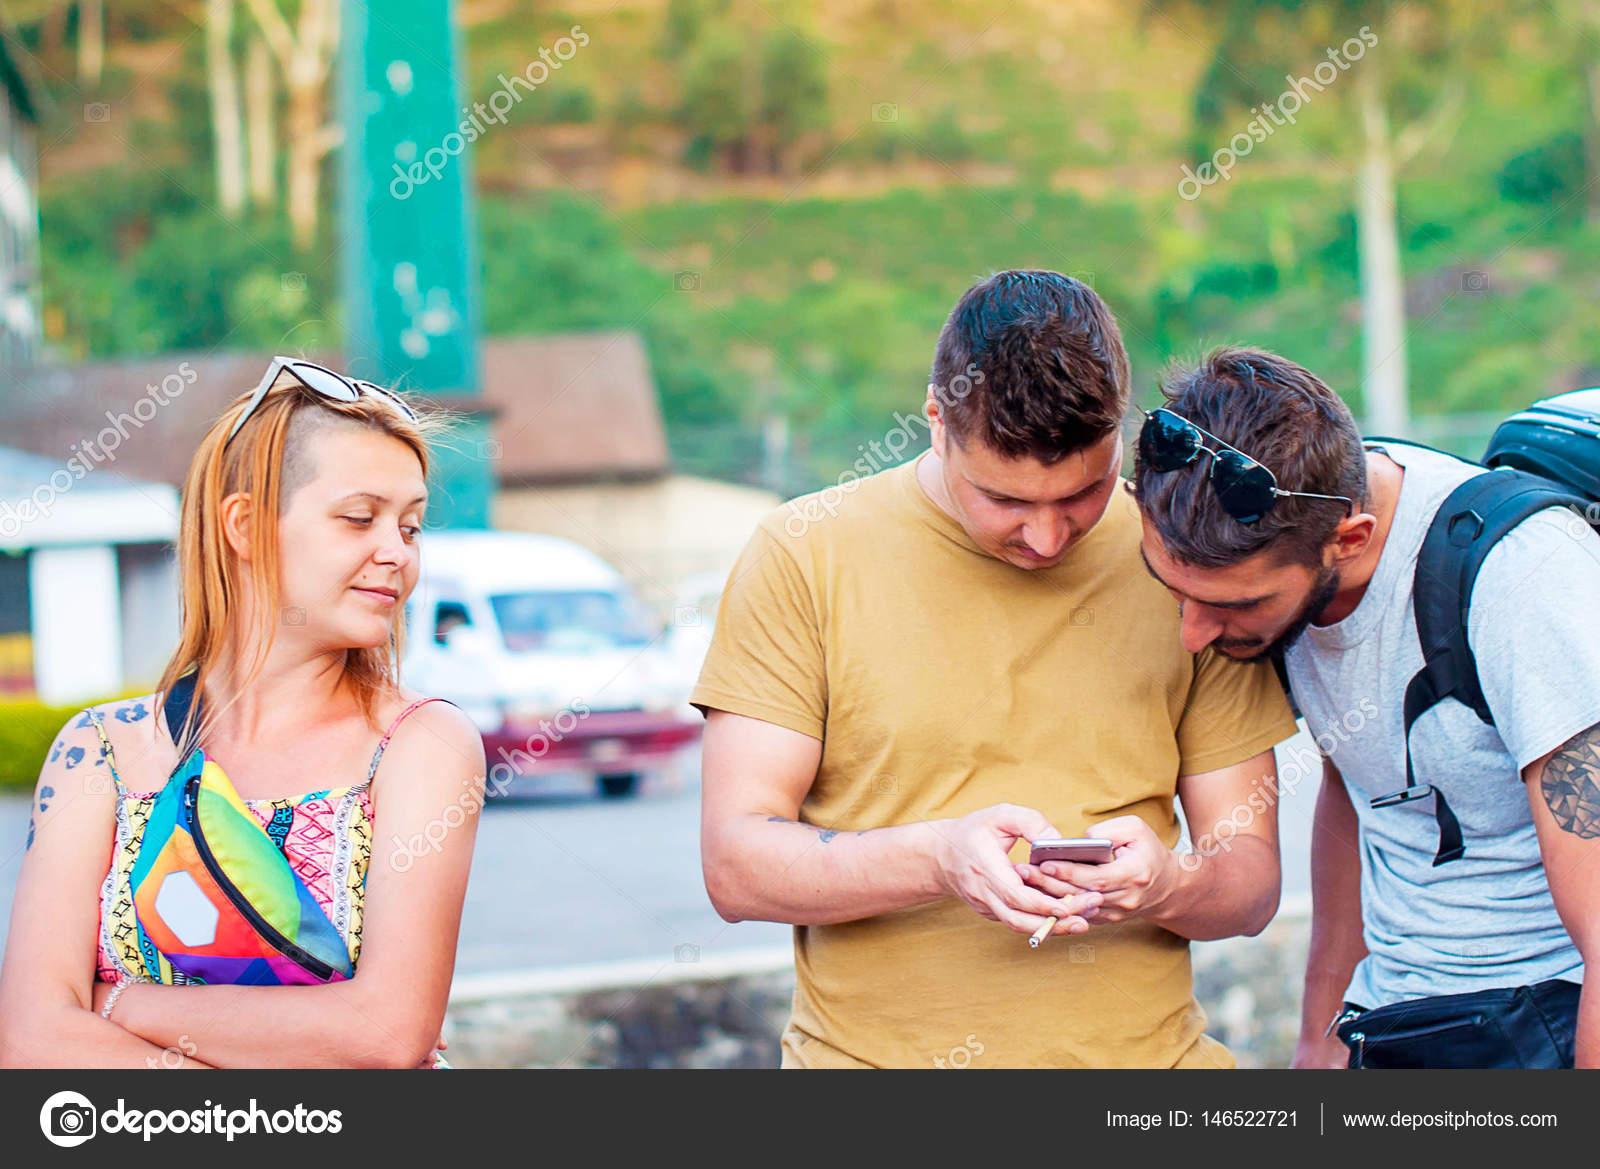 Suche Schöne Bilder zwei junge schöne männer sind auf der suche auf dem bildschirm des